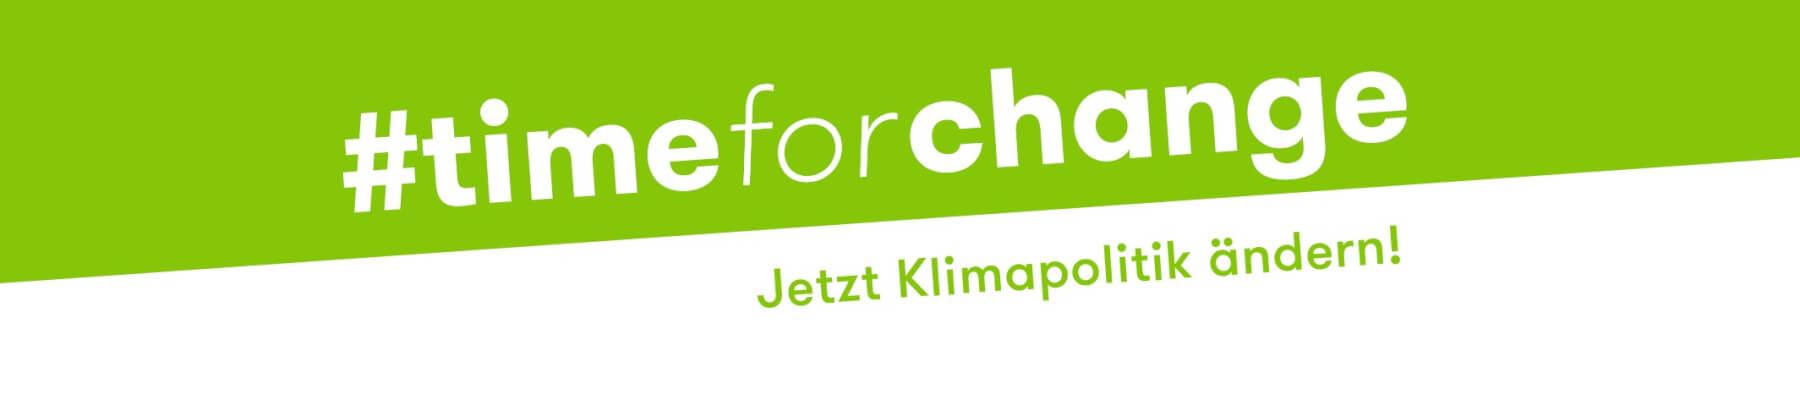 Klima-Kampagne: #timeforchange